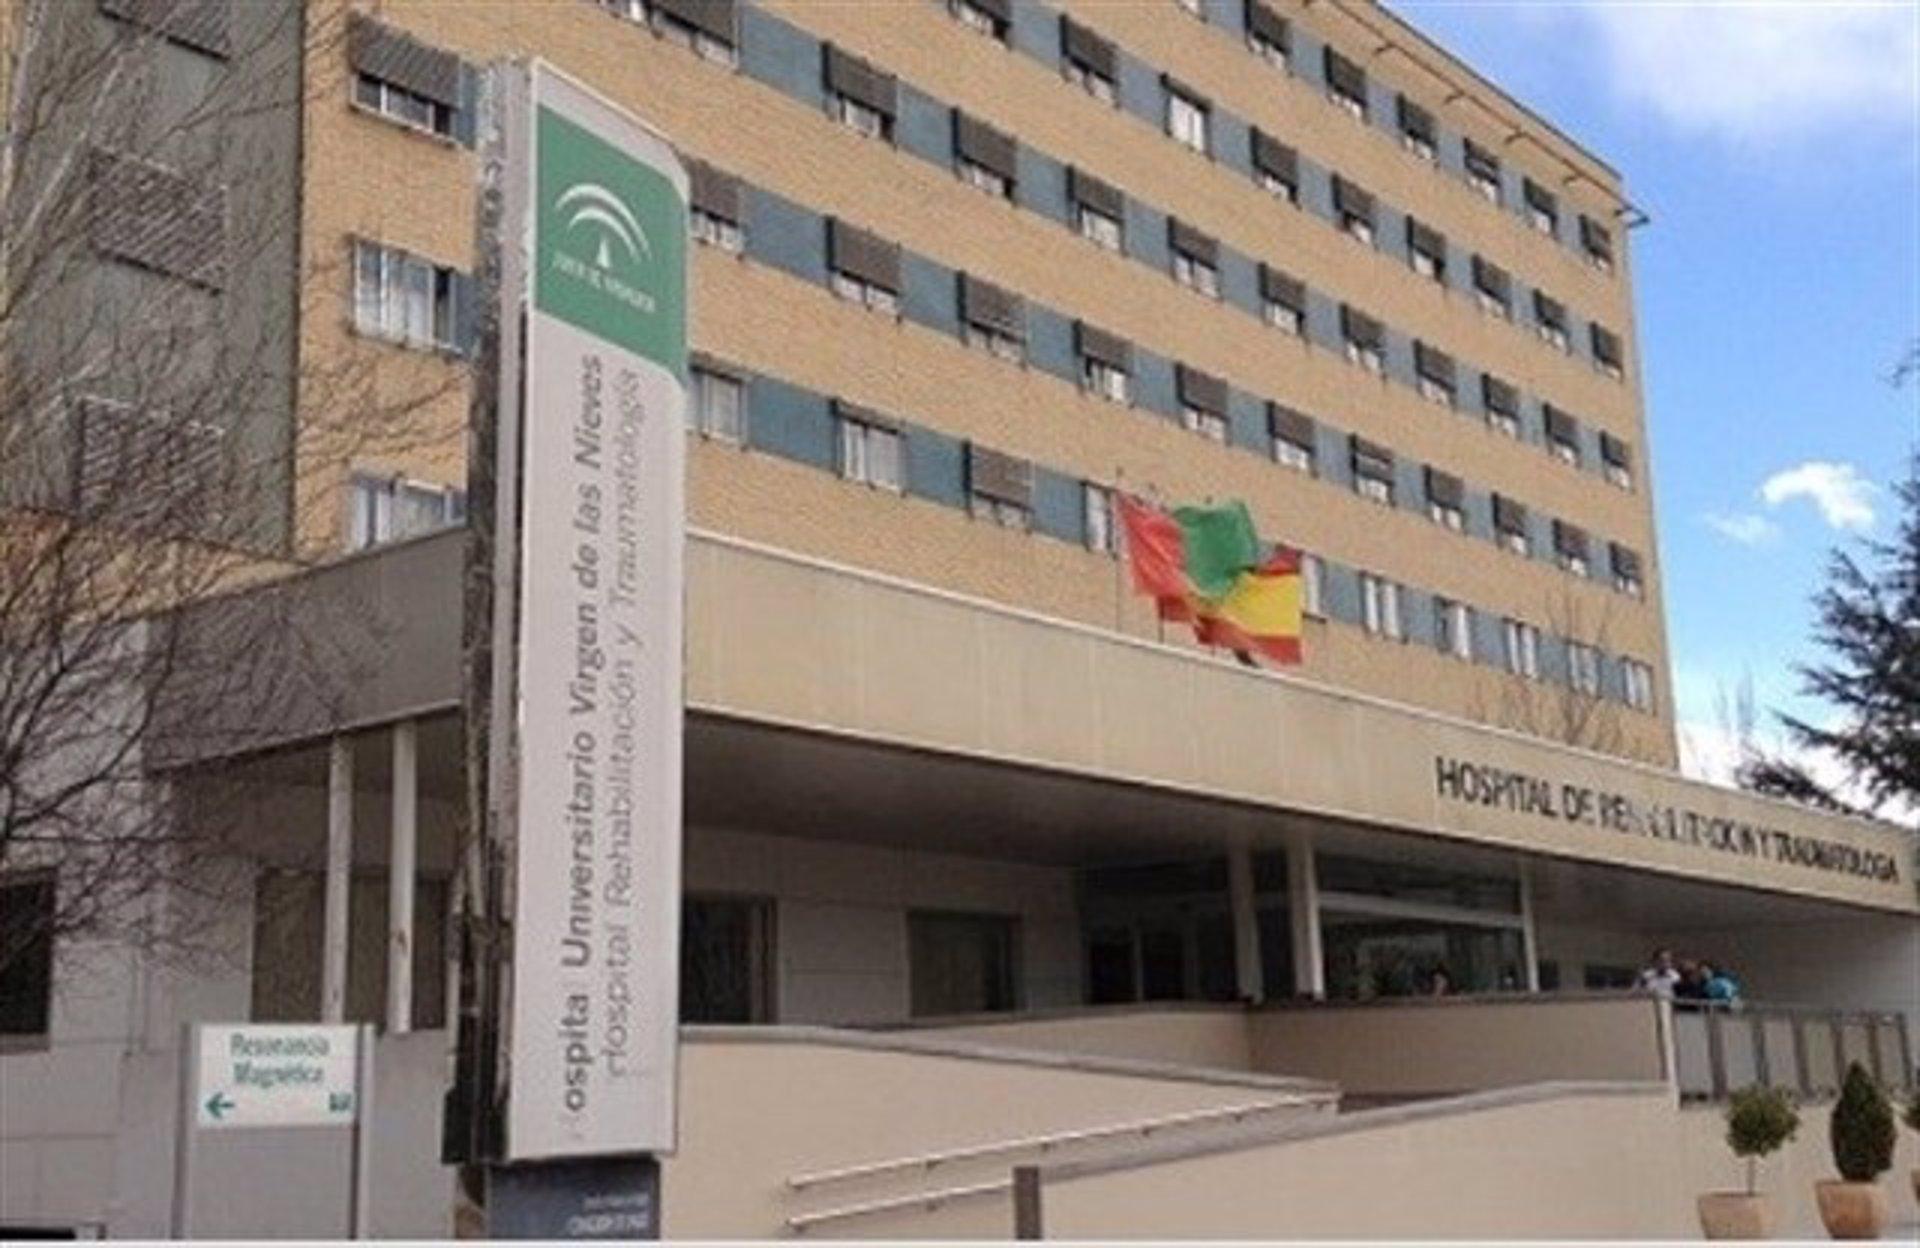 Cerrada una planta del Hospital de Traumatología tras el contagio de 34 personas